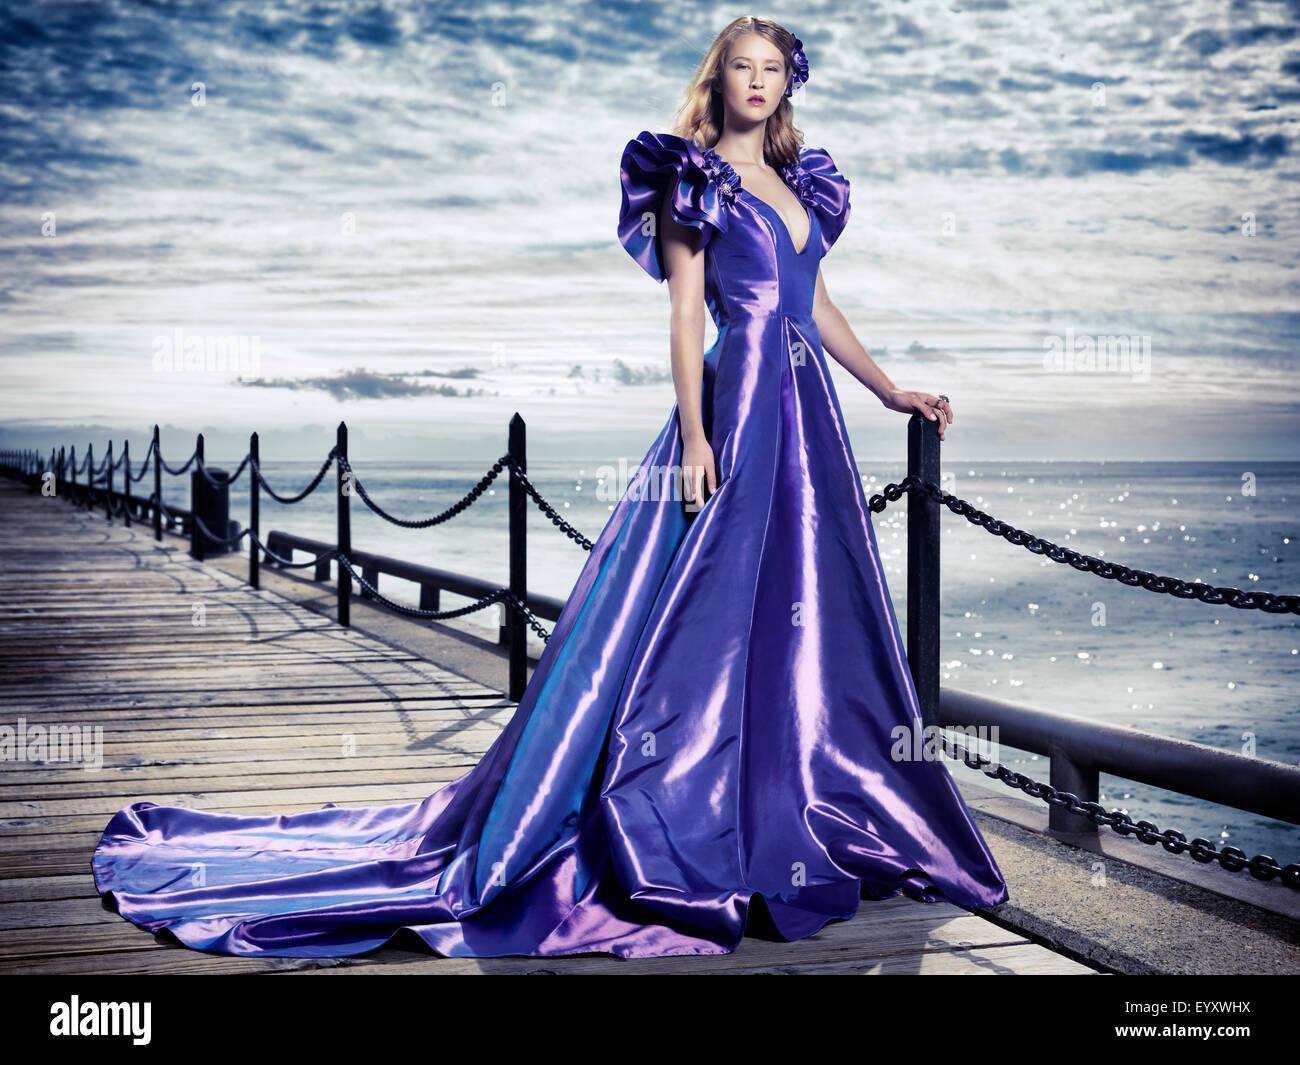 Mujer joven vistiendo un hermoso vestido de noche azul largo de pie en el waterfront, artístico retrato de Imagen De Stock